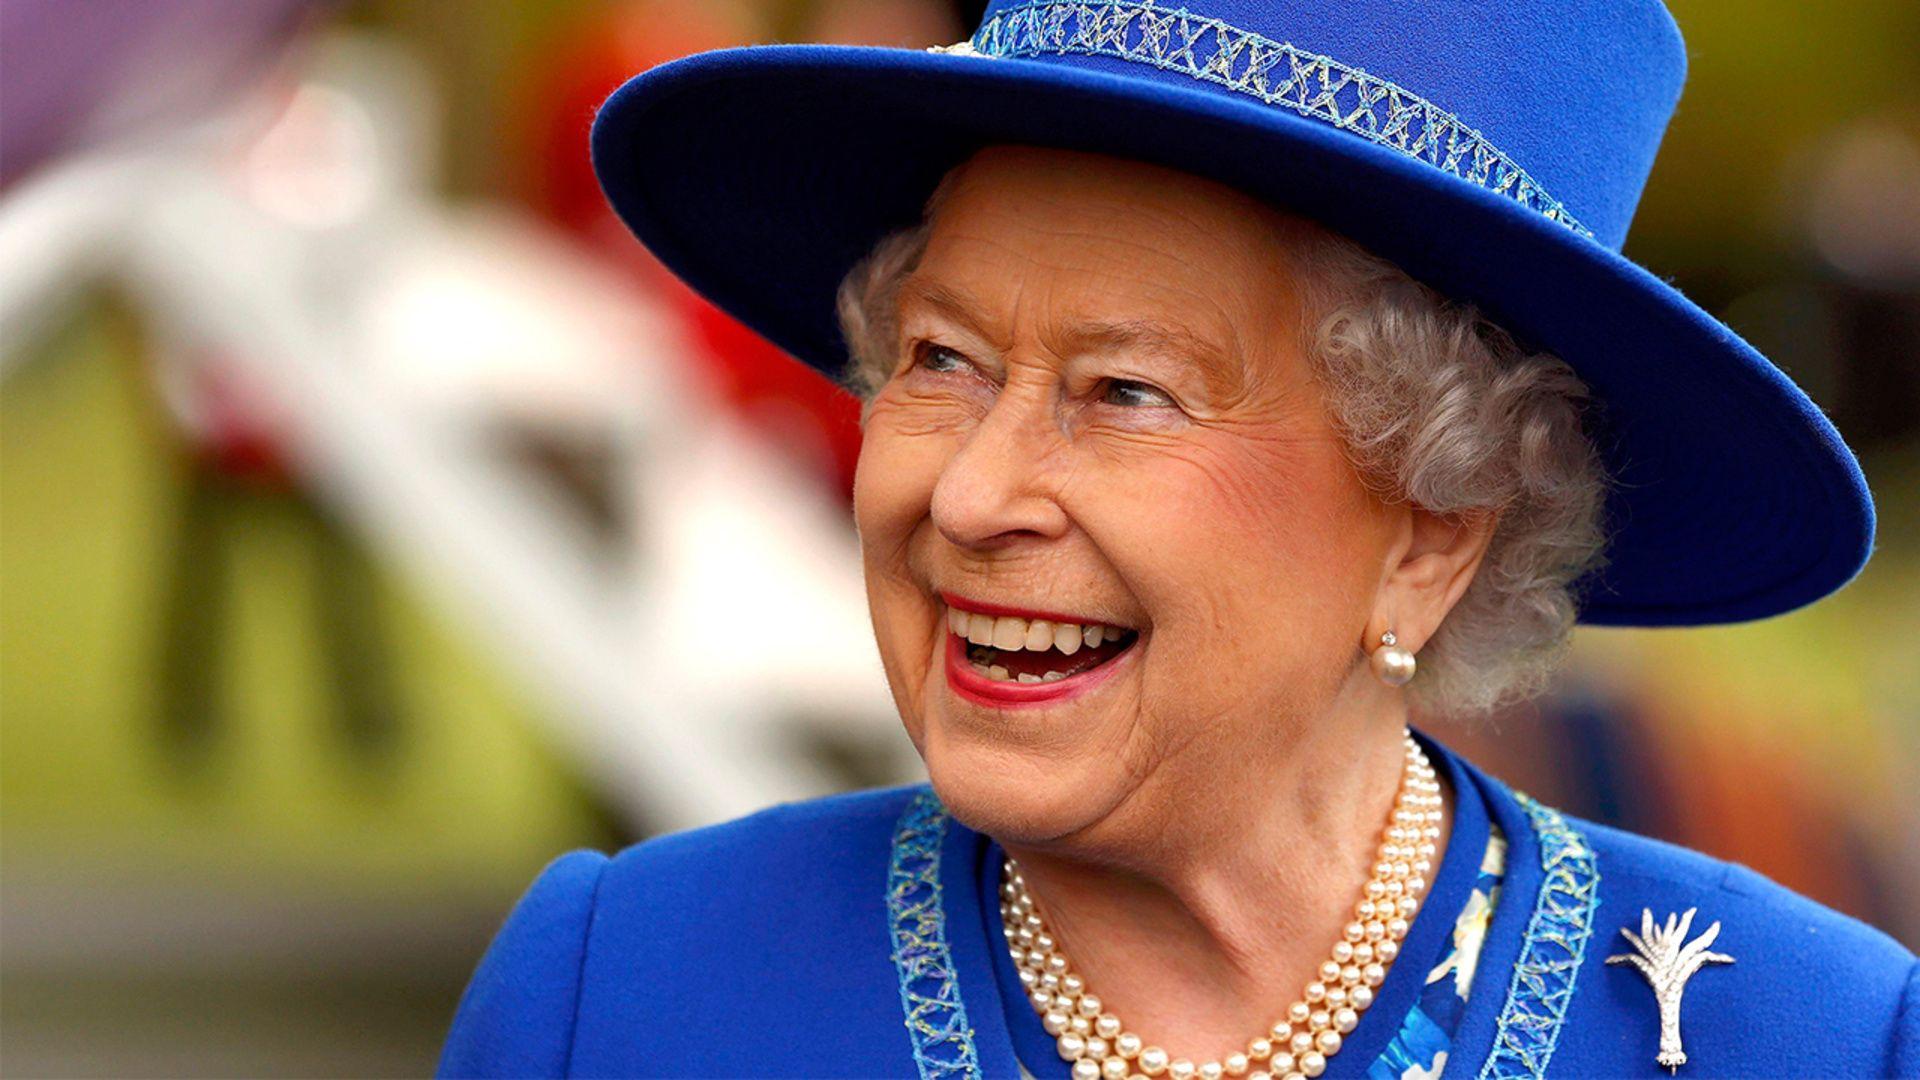 Queen Elizabeth S Regal Rainbow Style Queen Elizabeth Is Celebrating Her Birthday And Is Becoming The Longest Video Queen Elizabeth Elizabeth Ii Queen Elizabeth Ii [ 1080 x 1920 Pixel ]